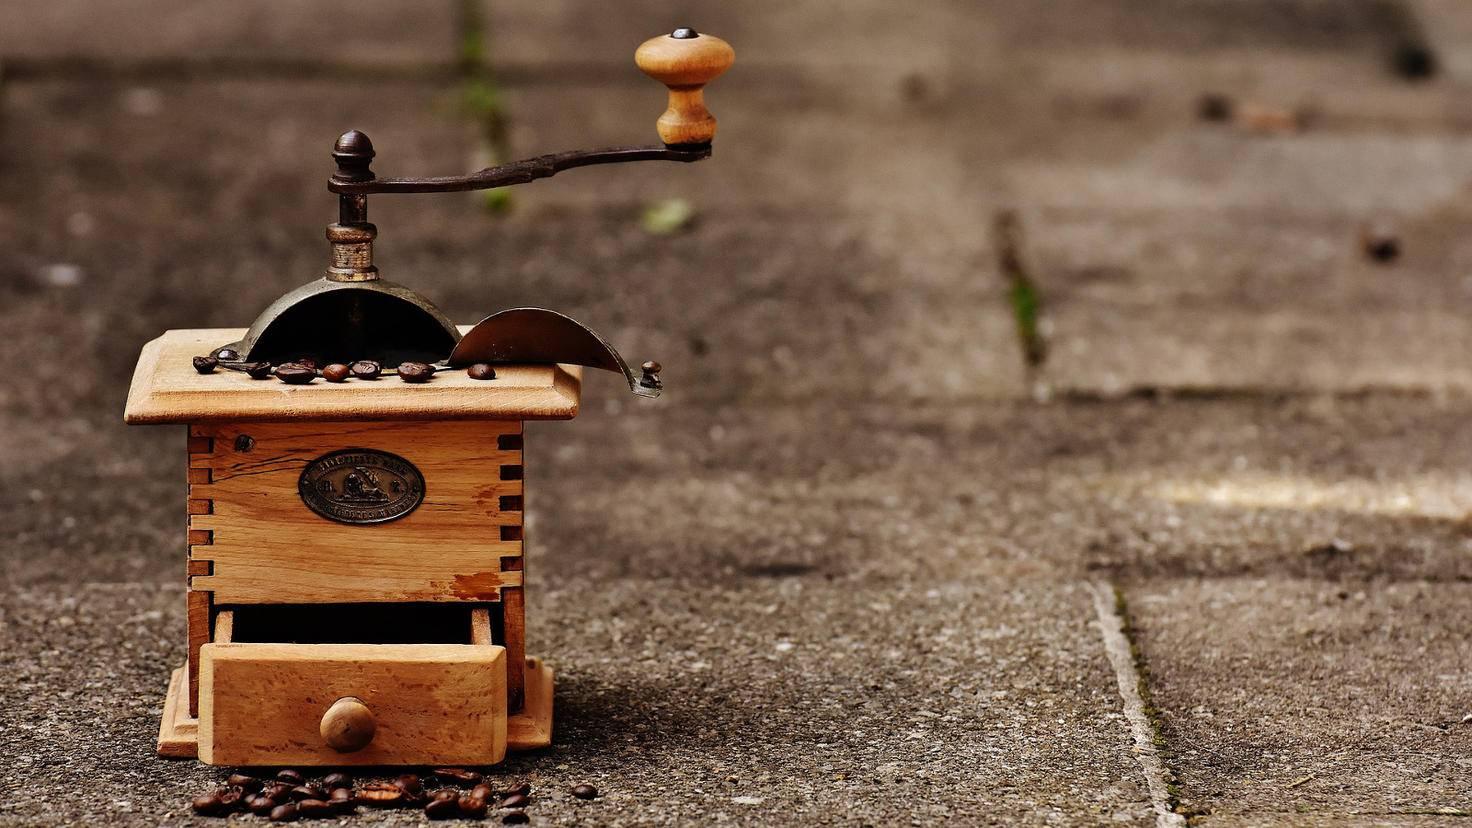 Bewährt: Mechanische Kaffeemühlen mit Handkurbel tun auch heute noch tadellos ihren Dienst.